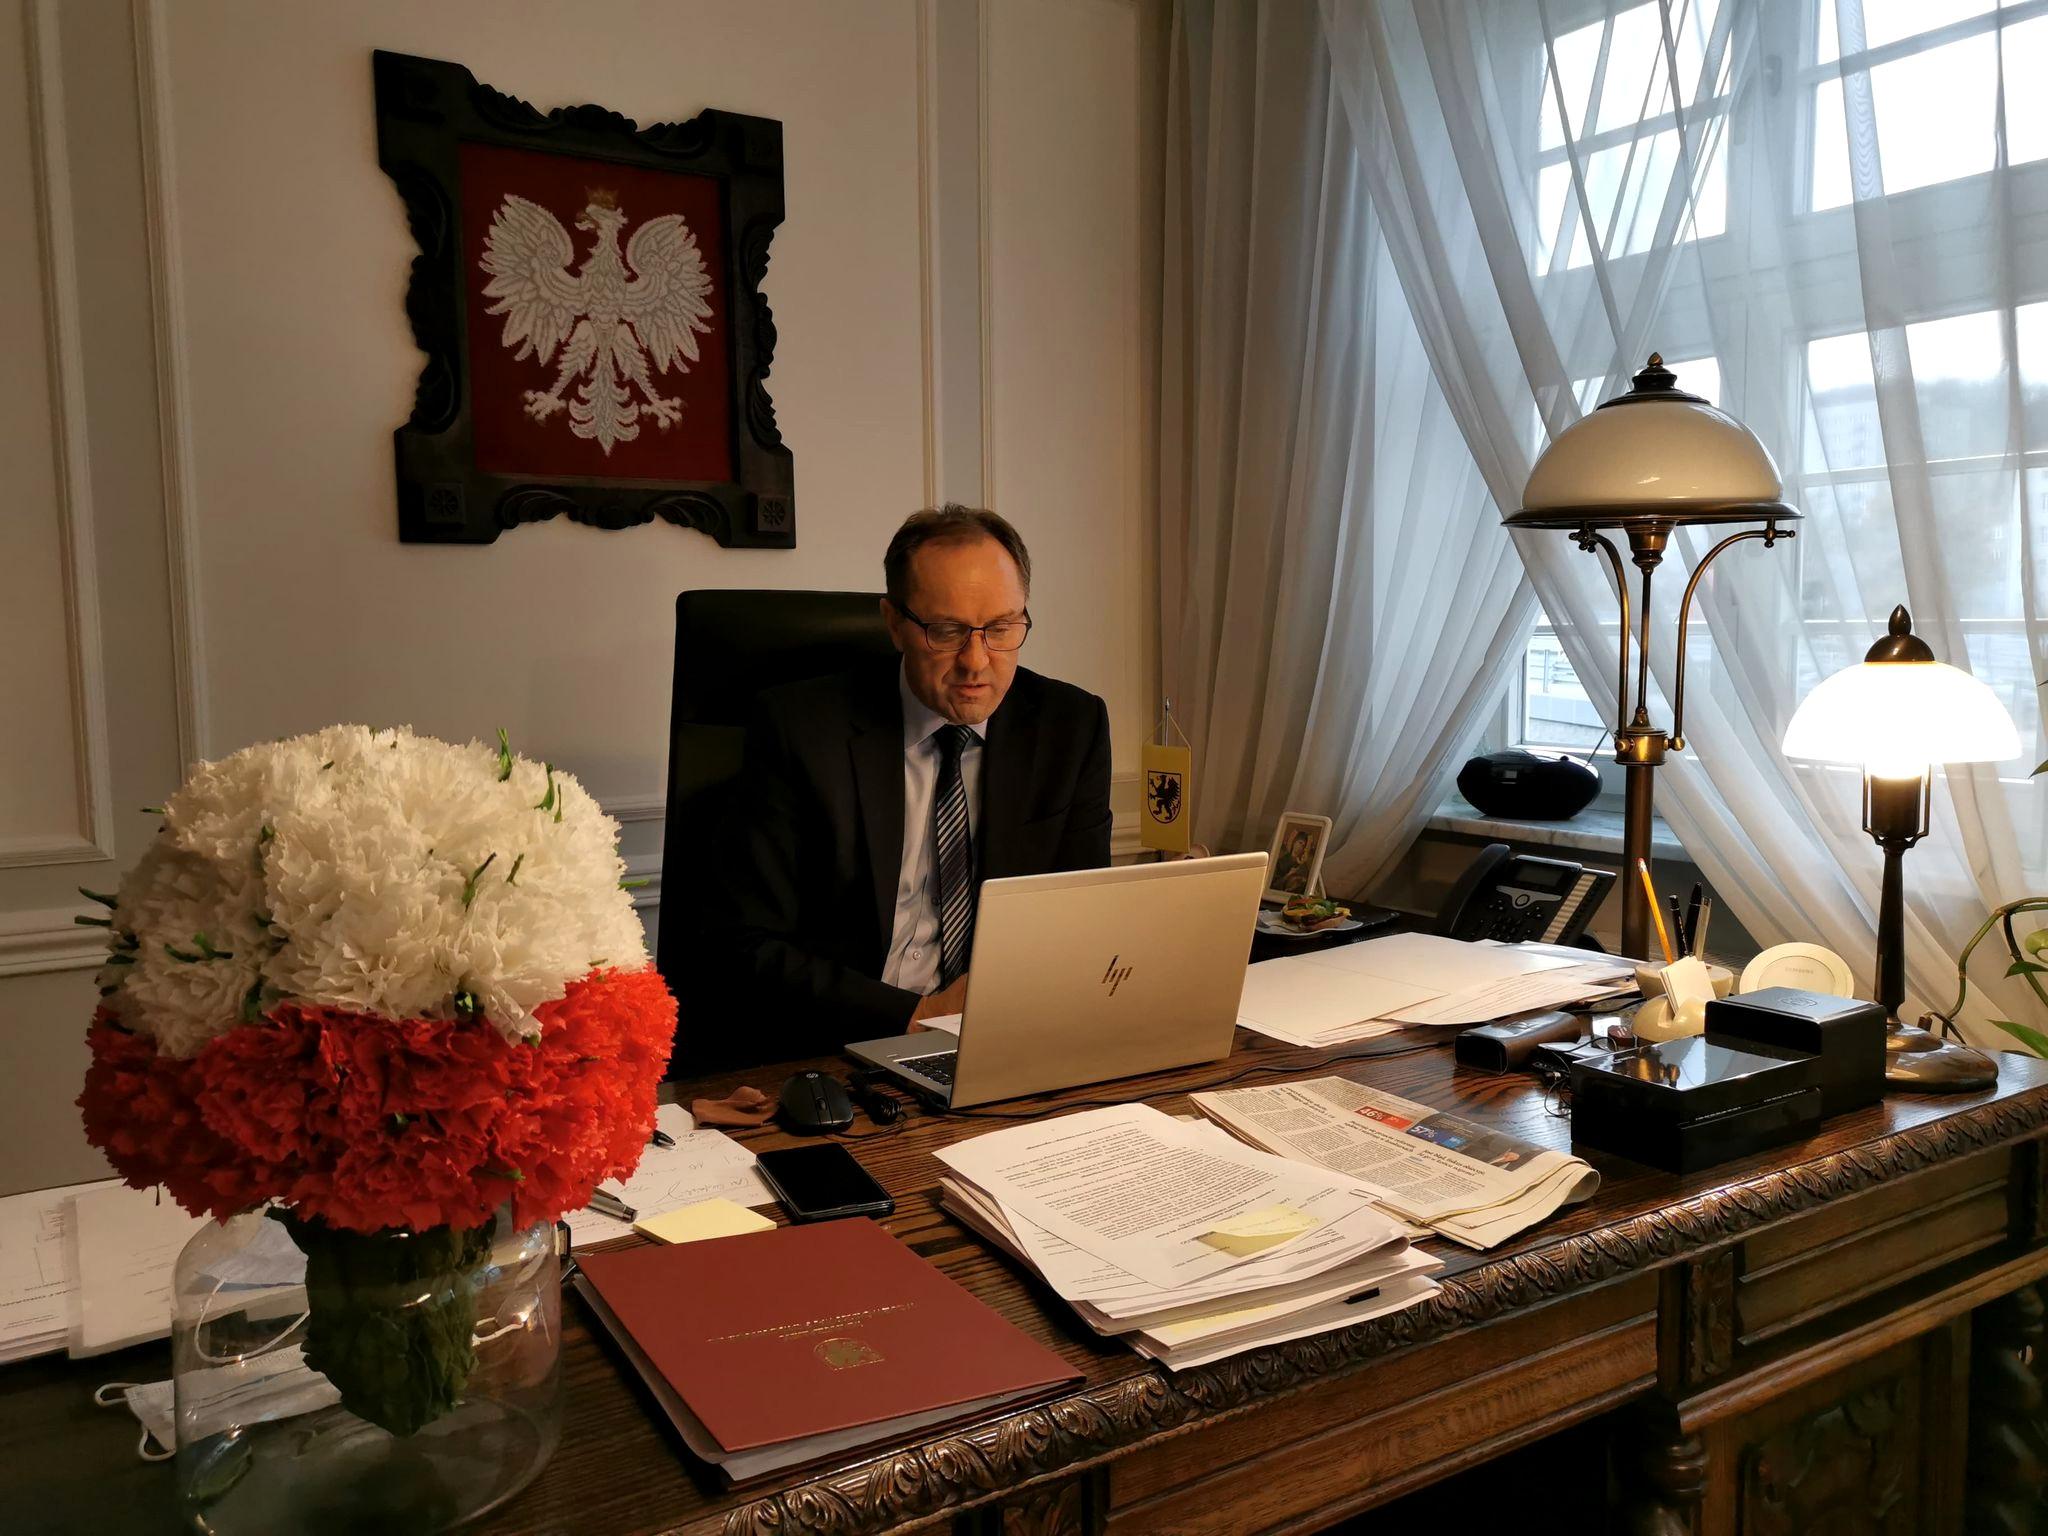 Ekonomia wrażliwa społecznie i odpowiedzialny biznes. Open Eyes Economy Summit w Krakowie